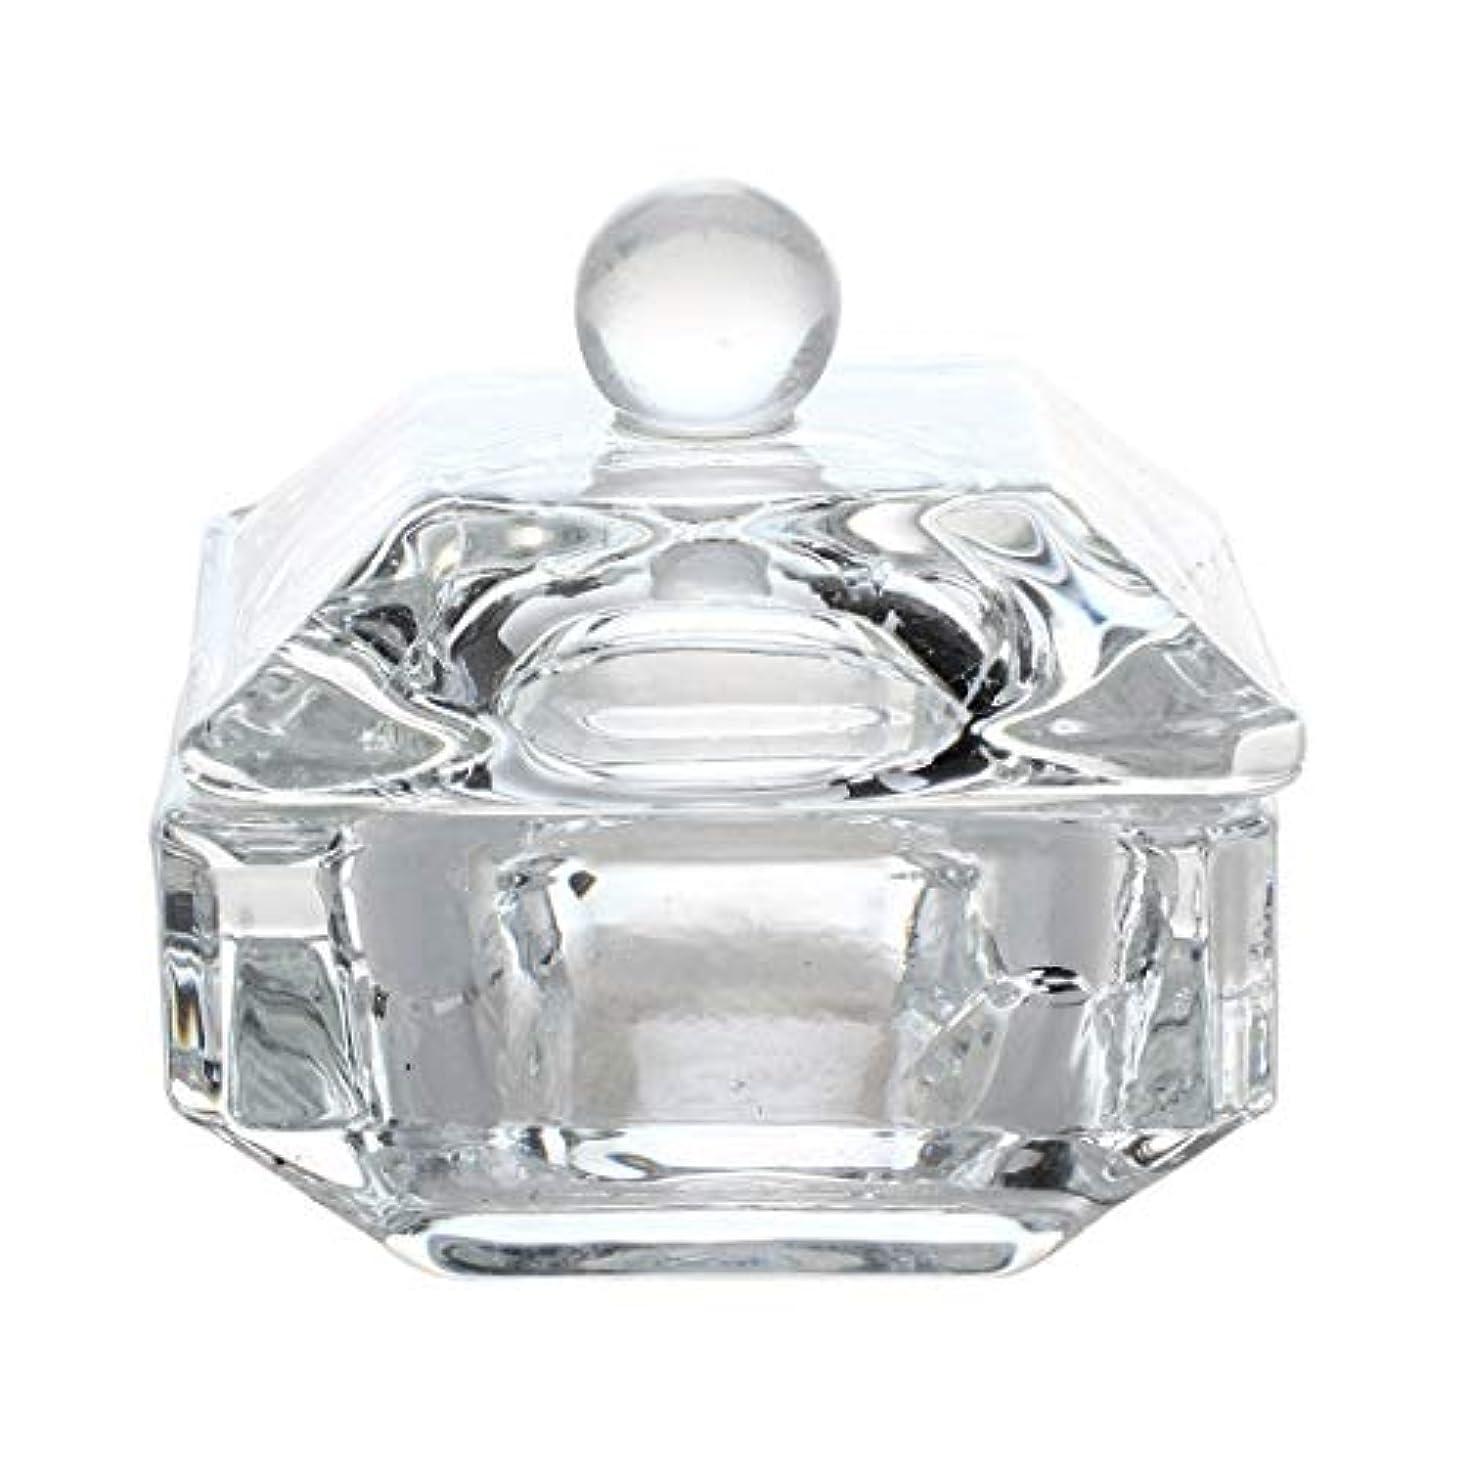 コスチュームお茶勢い1st market プレミアム品質1ピース新しい用液体パウダーツールクリスタルDappenディッシュネイルアートアクリル